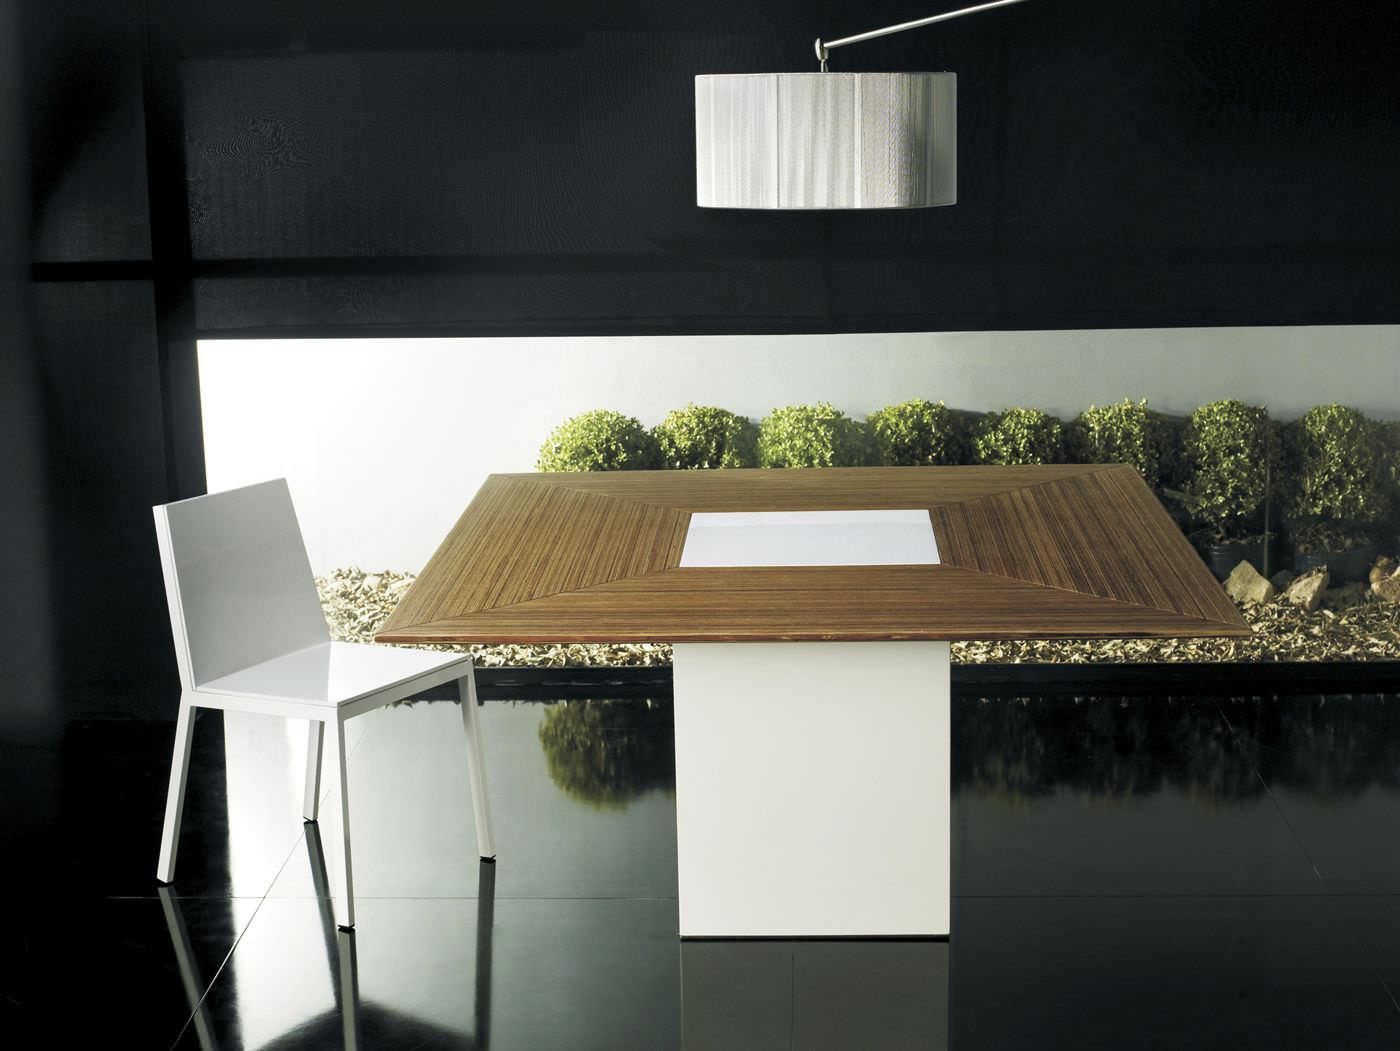 Tavolo da pranzo moderno in legno quadrato fitzroy modloft